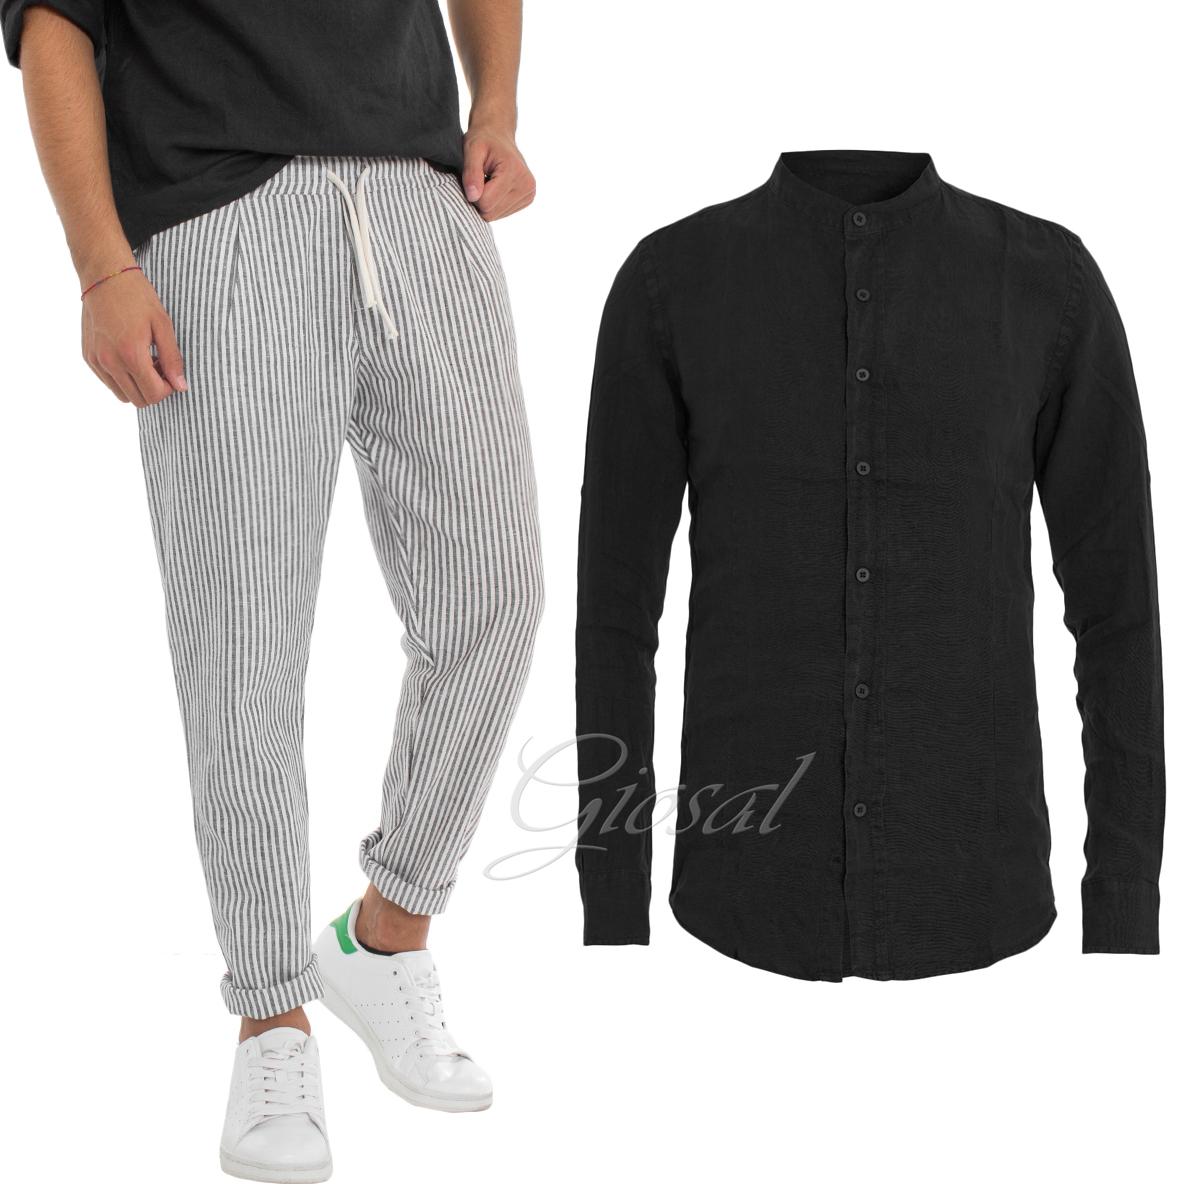 Completo Uomo Outfit Camicia Pantalone Rigato Look Summer Lino Giosal Vuoi Comprare Alcuni Prodotti Nativi Cinesi?